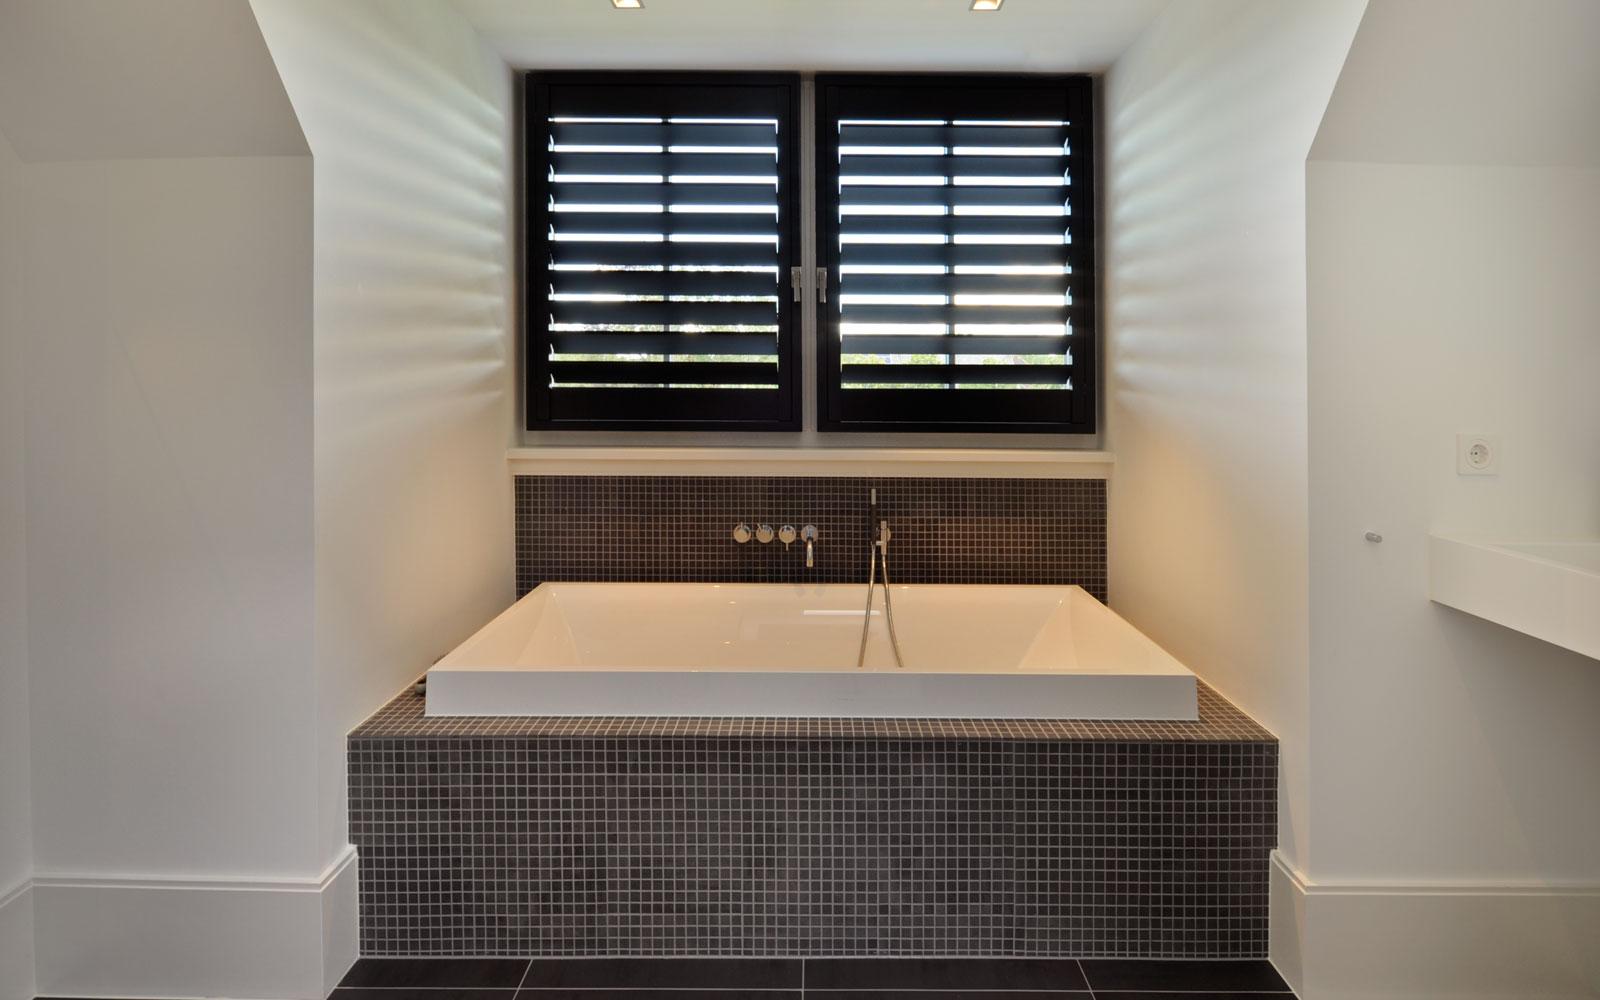 Badkamer, bad, shutters, Style Shutters, witte droomvilla, Gerben van Manen